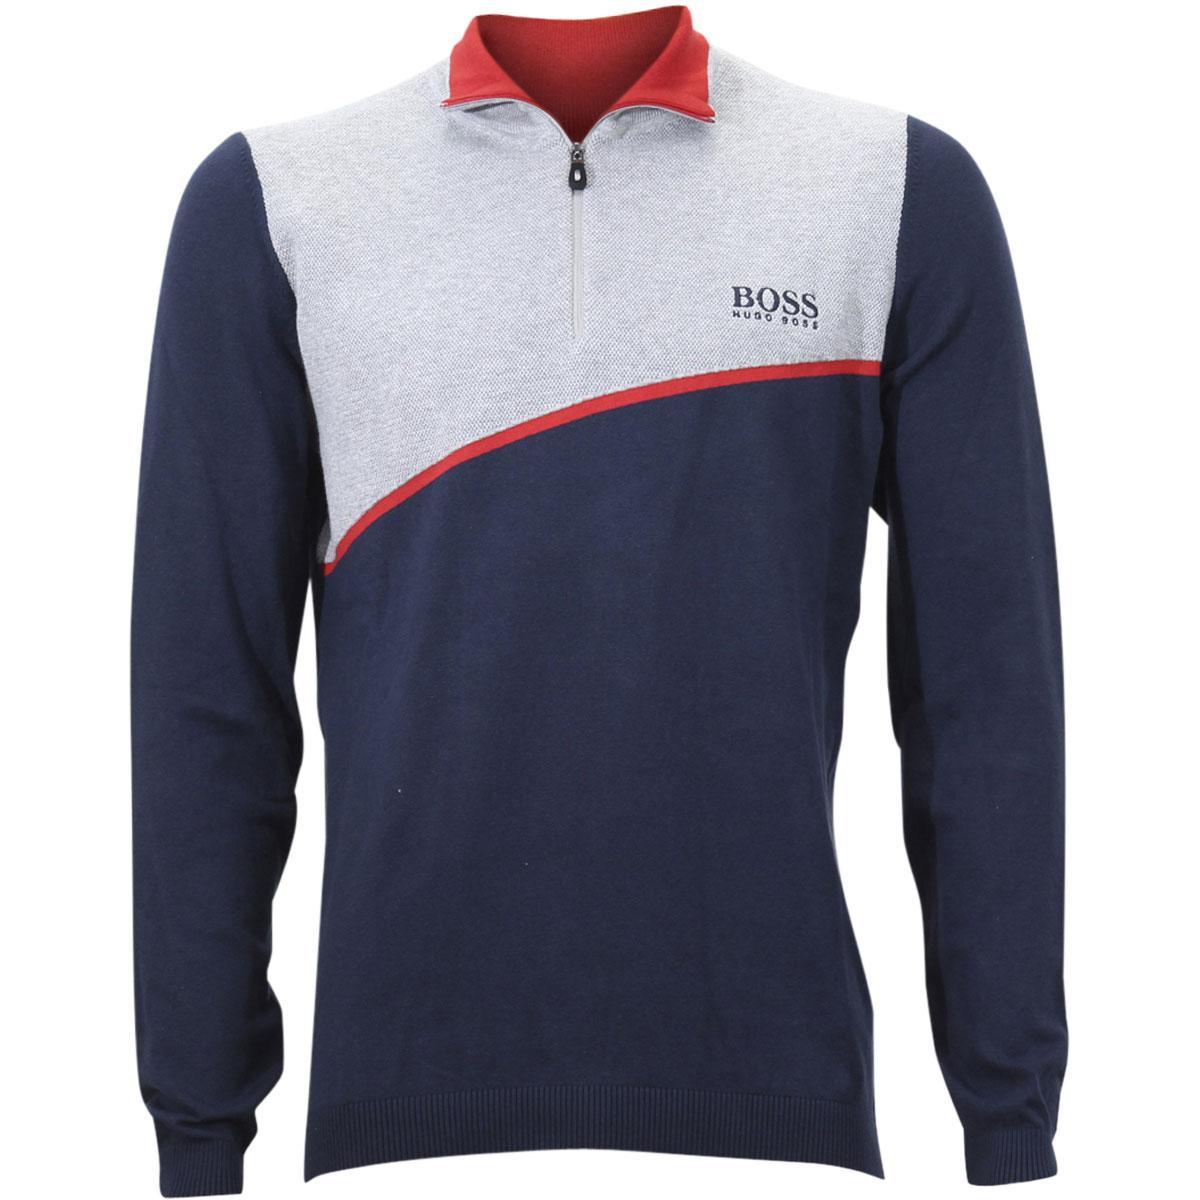 20970d19f Hugo Boss Men's Zymor Long Sleeve Half Zip Sweater